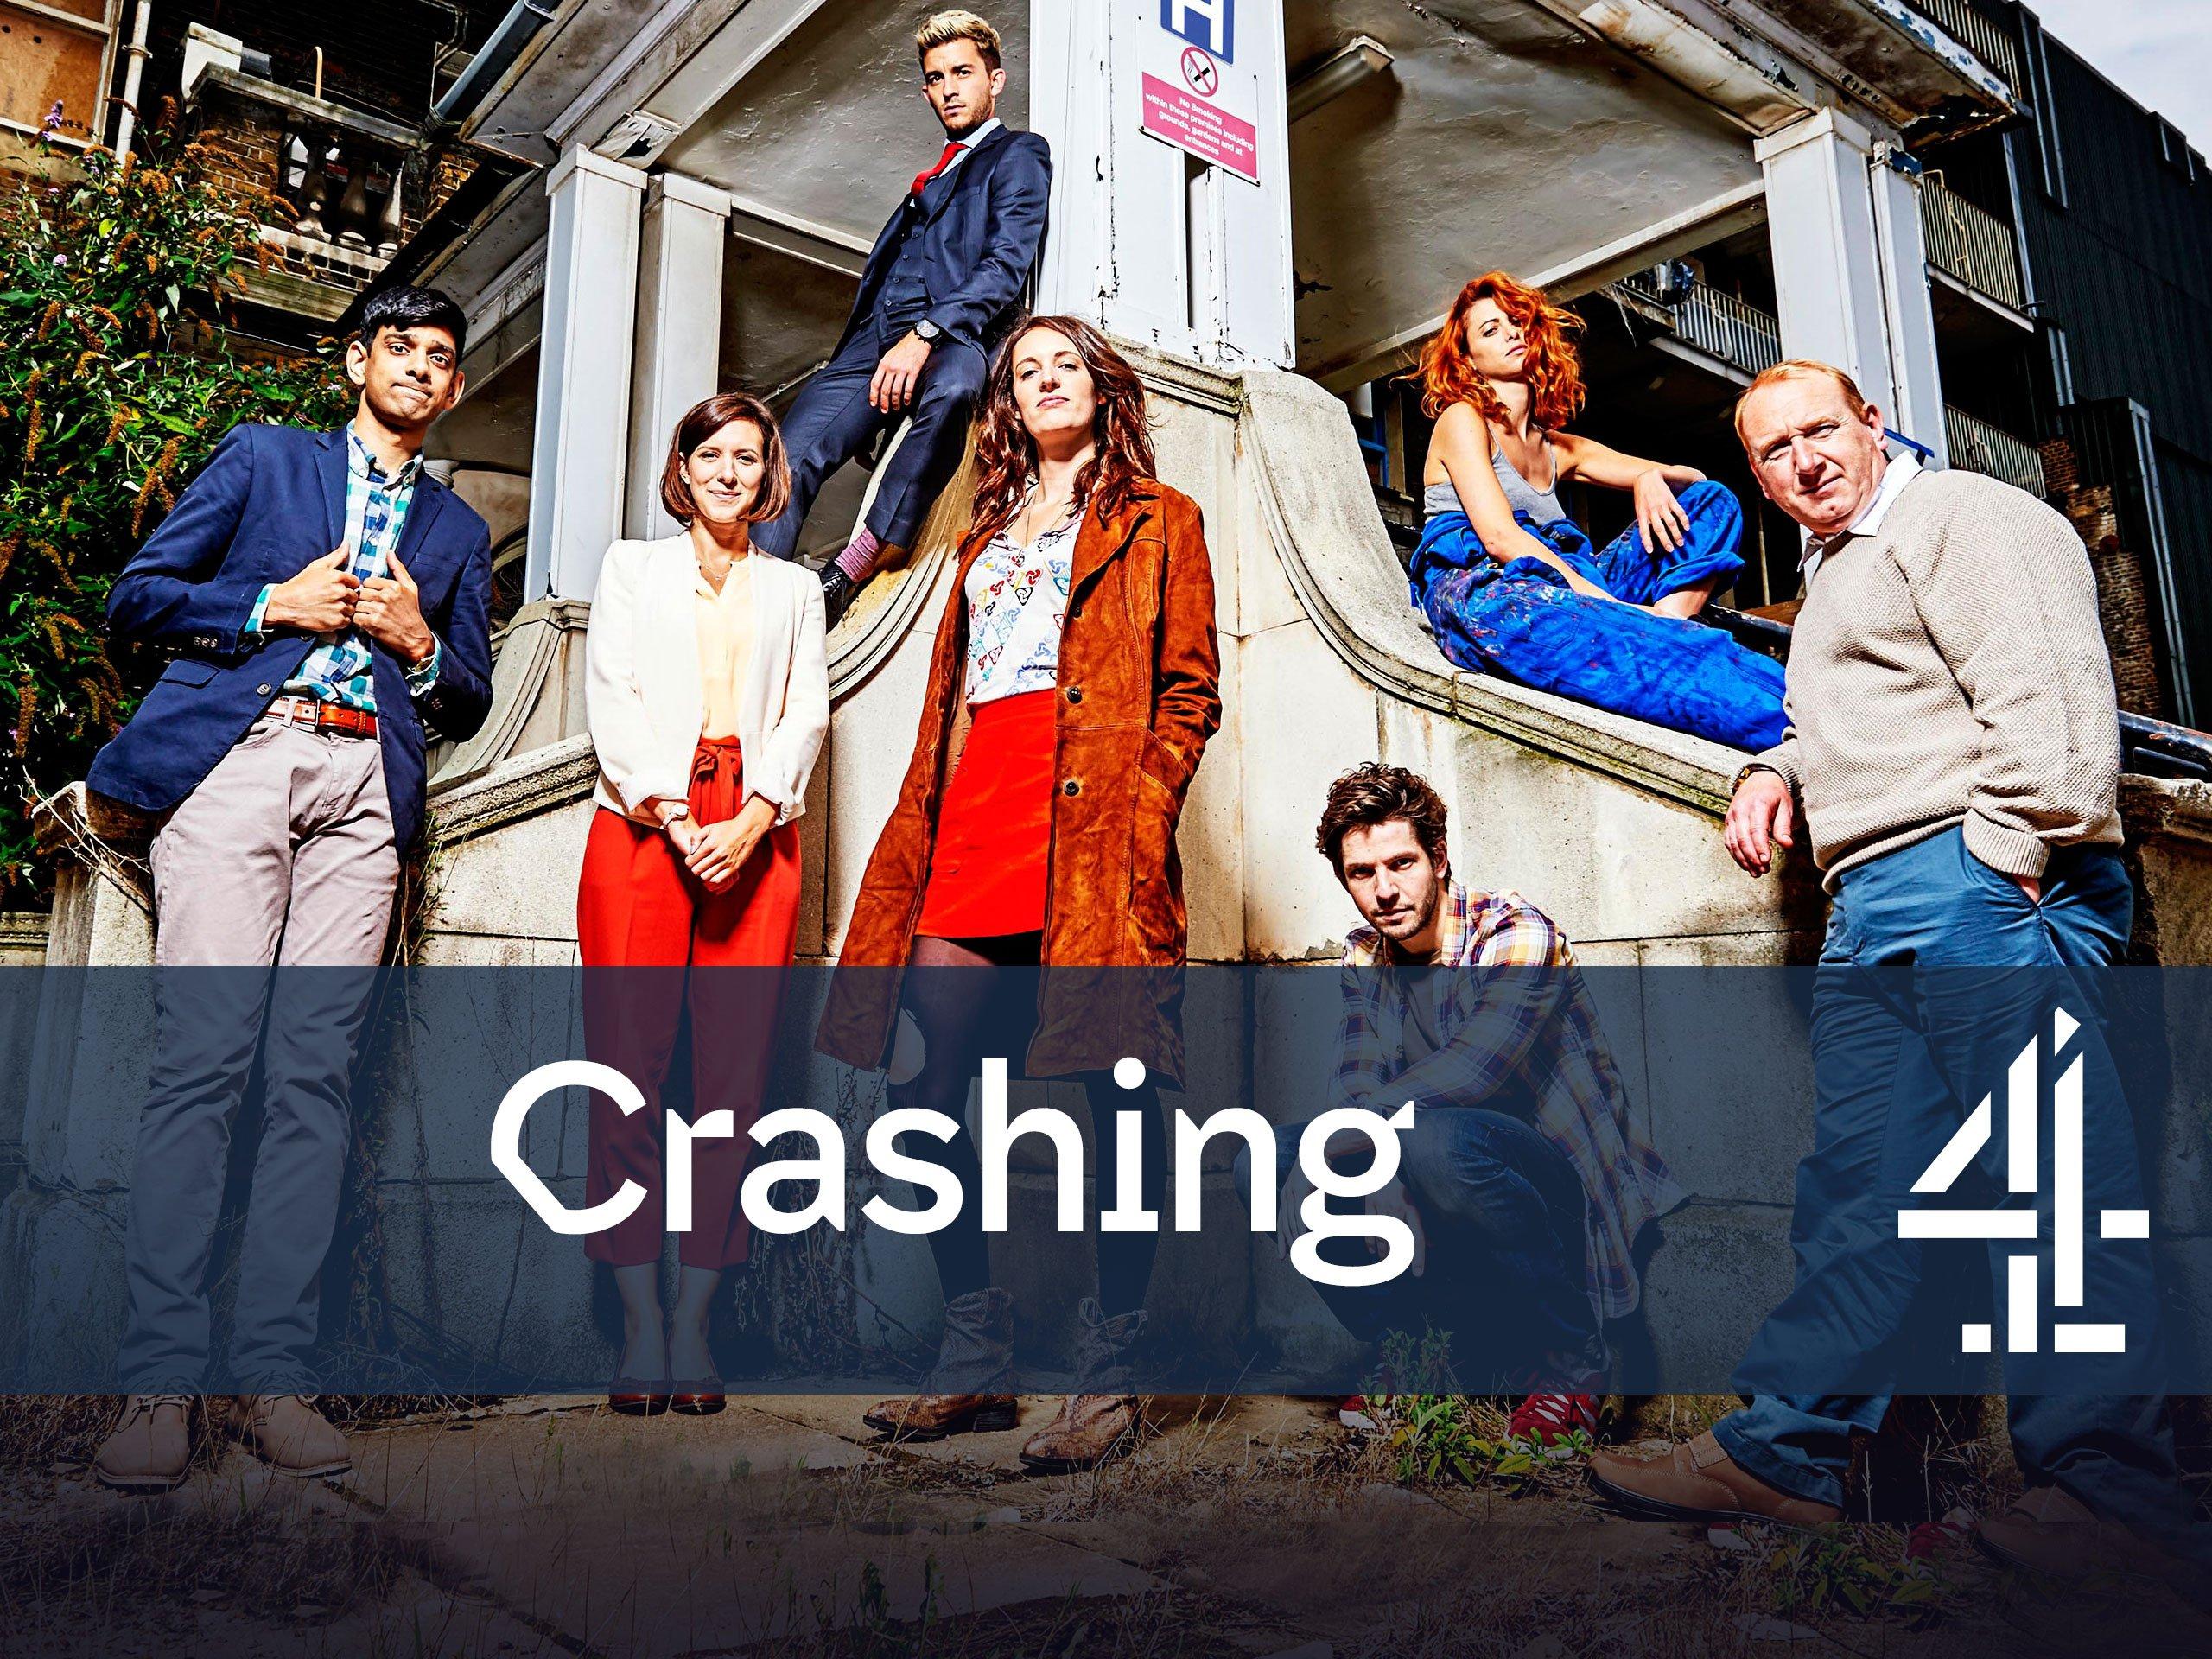 Crashing on Amazon Prime Video UK